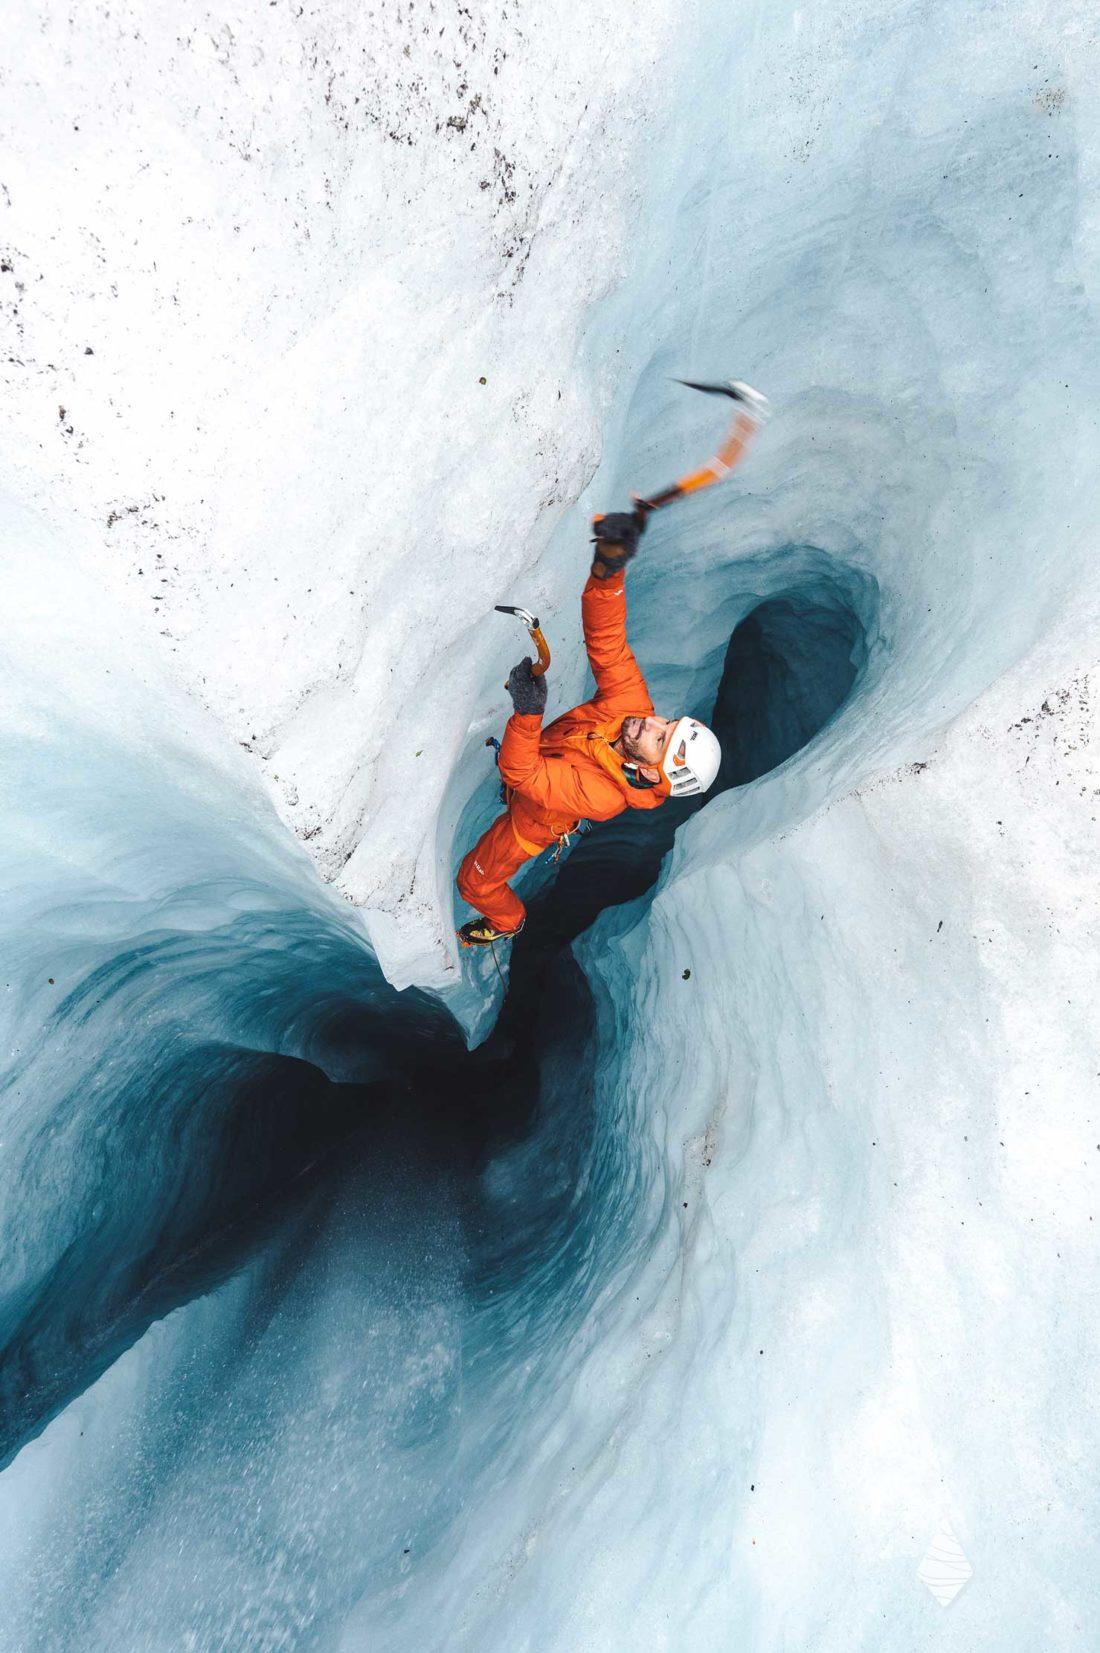 Photo d'un grimpeur entrain de remonter en escalade un moulin dans le glacier de la Mer de Glace